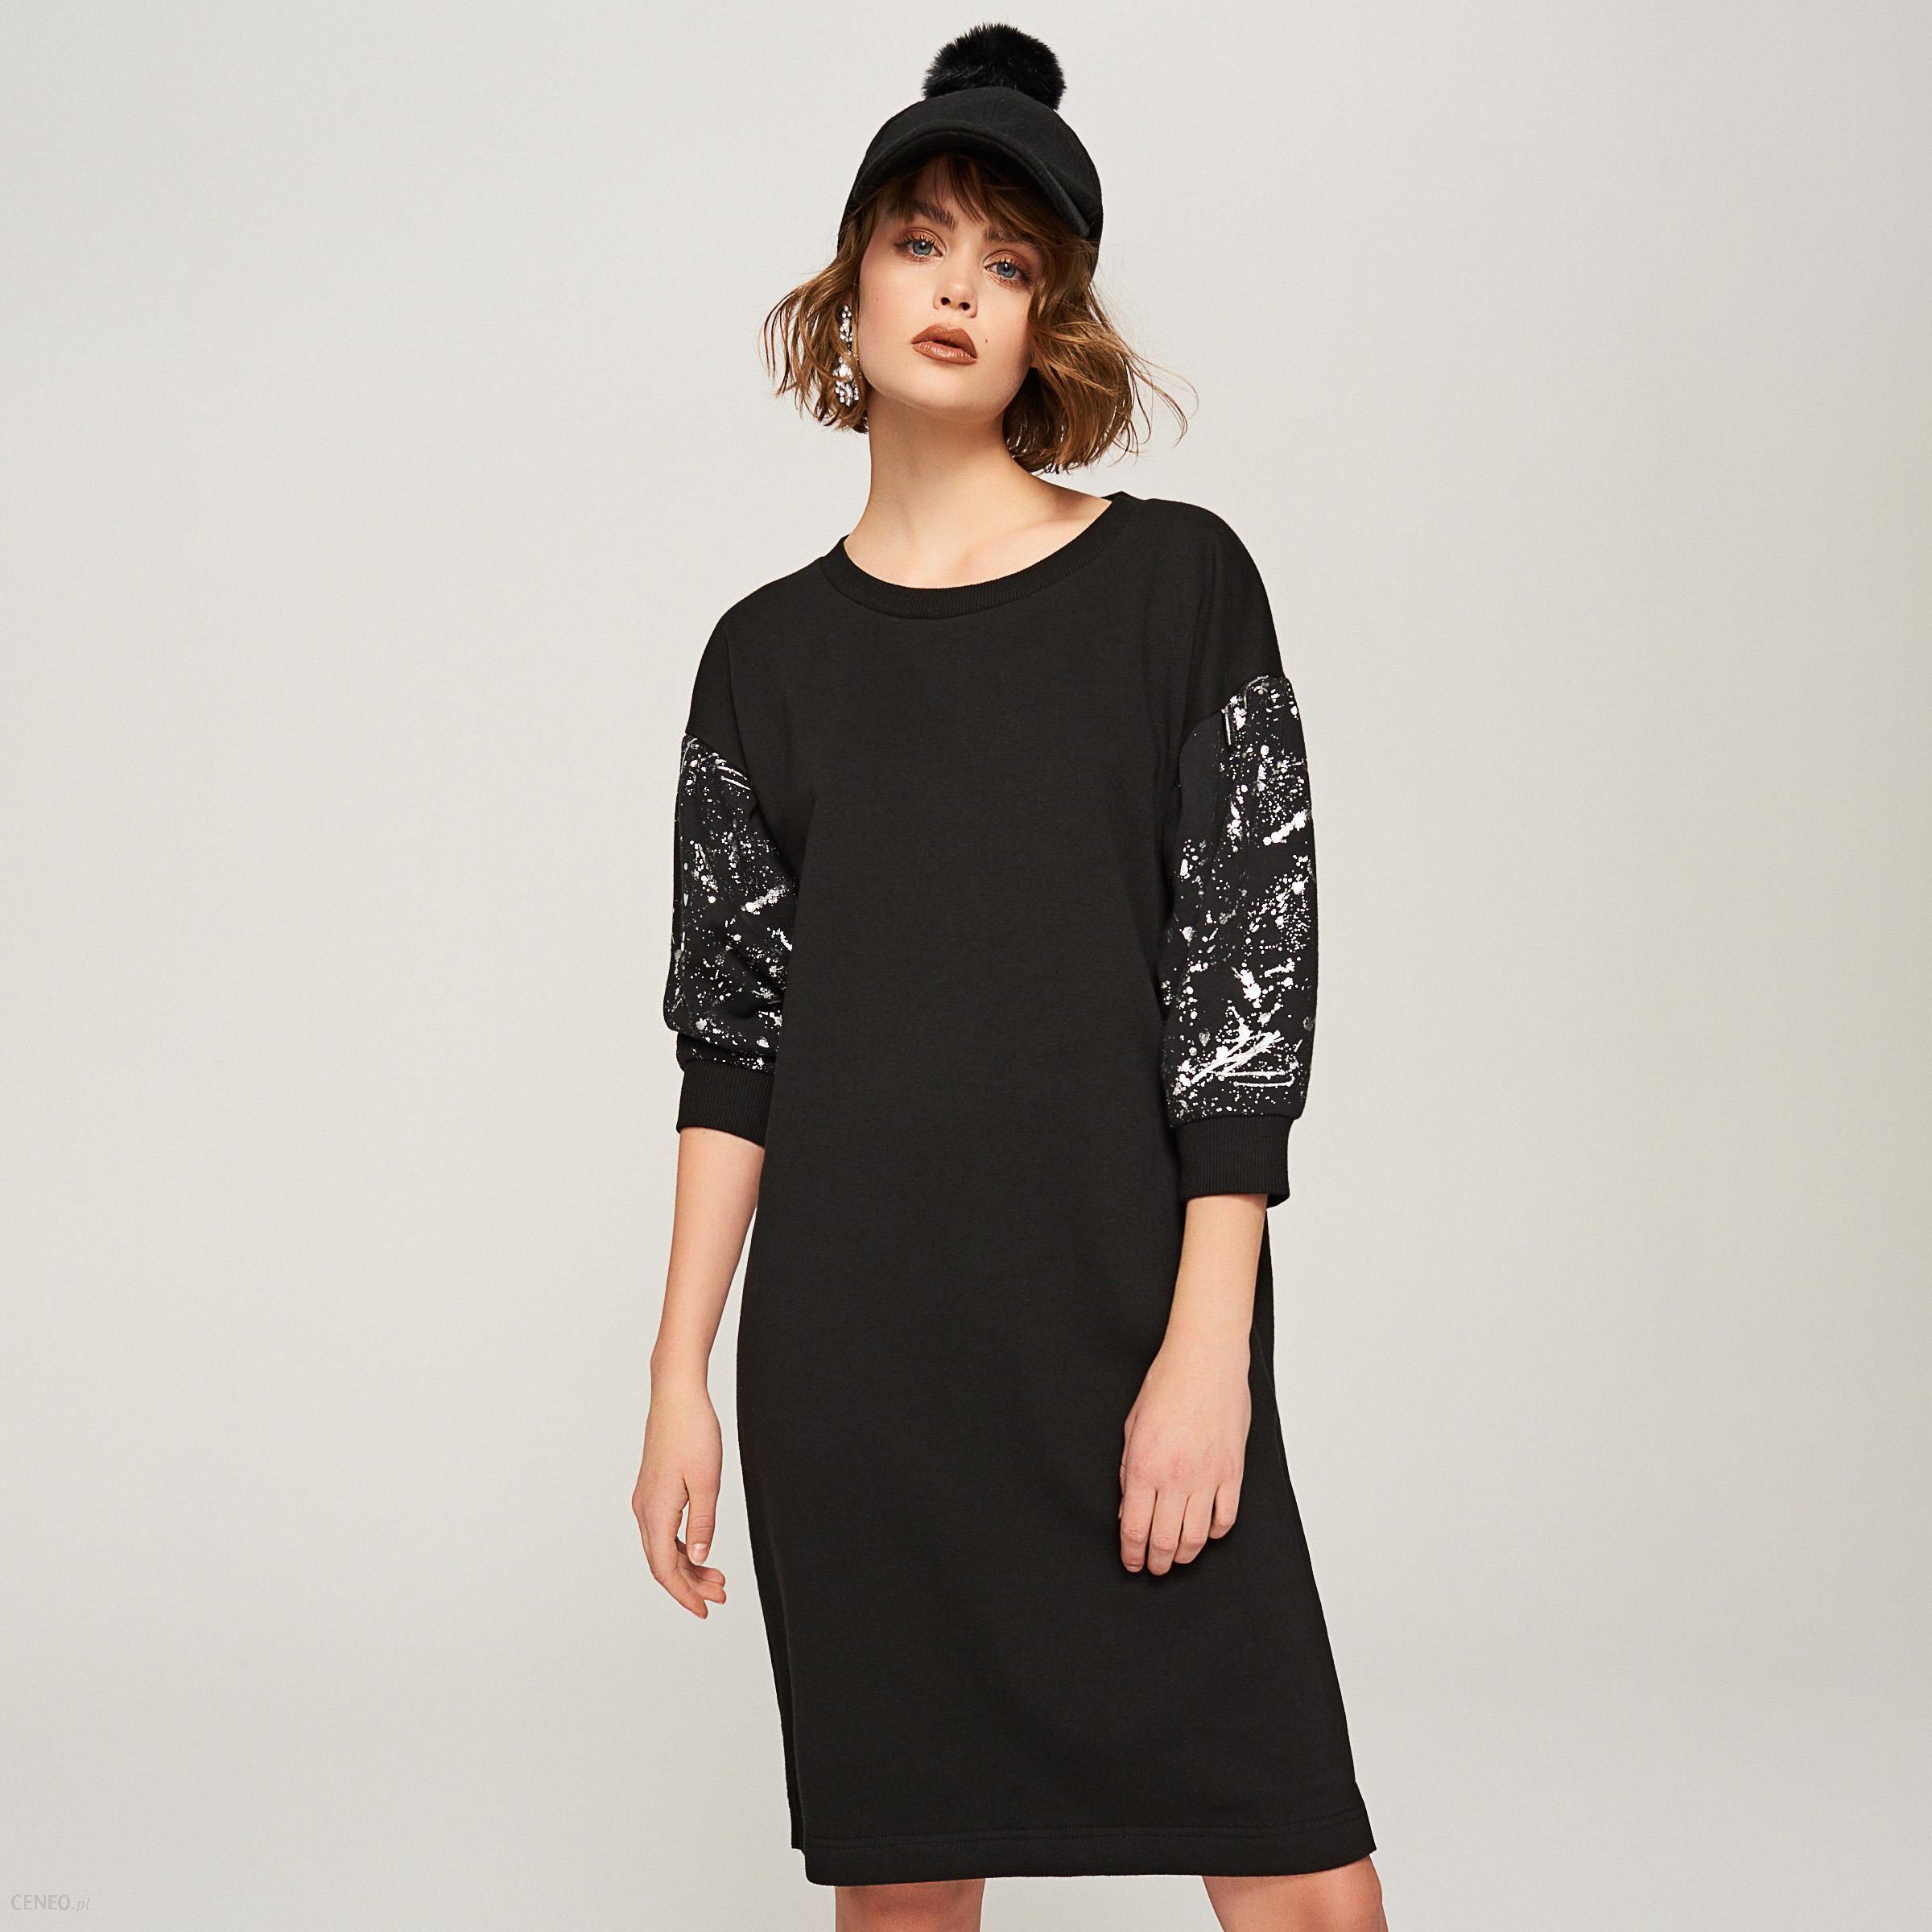 d00e936a9d Reserved - Sukienka z szerokimi rękawami - Czarny - Ceny i opinie ...